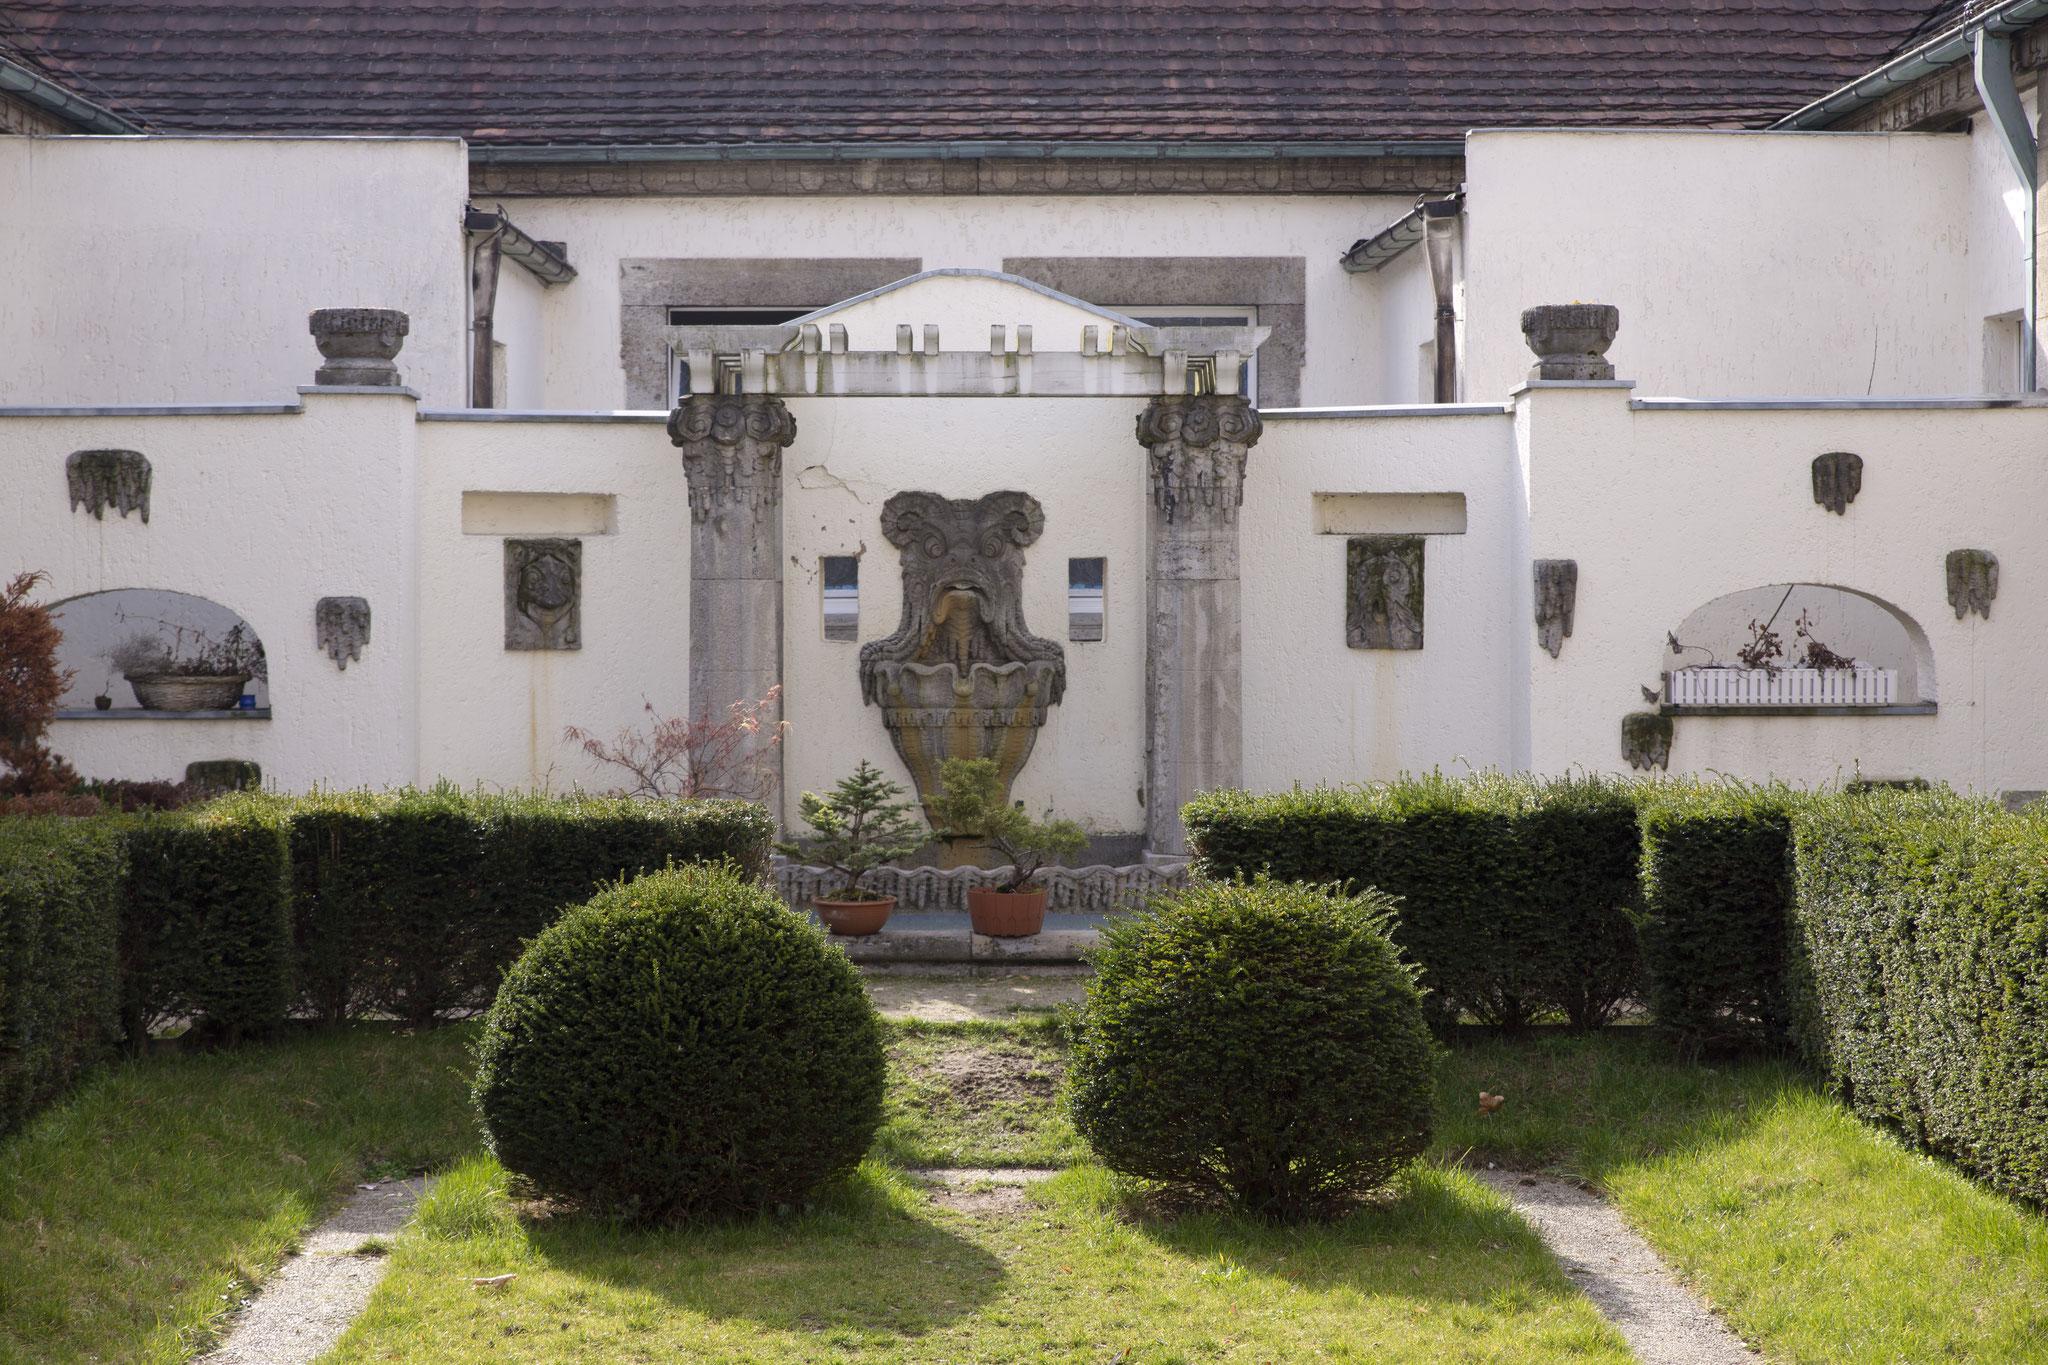 Sprudelhof, Brunnen